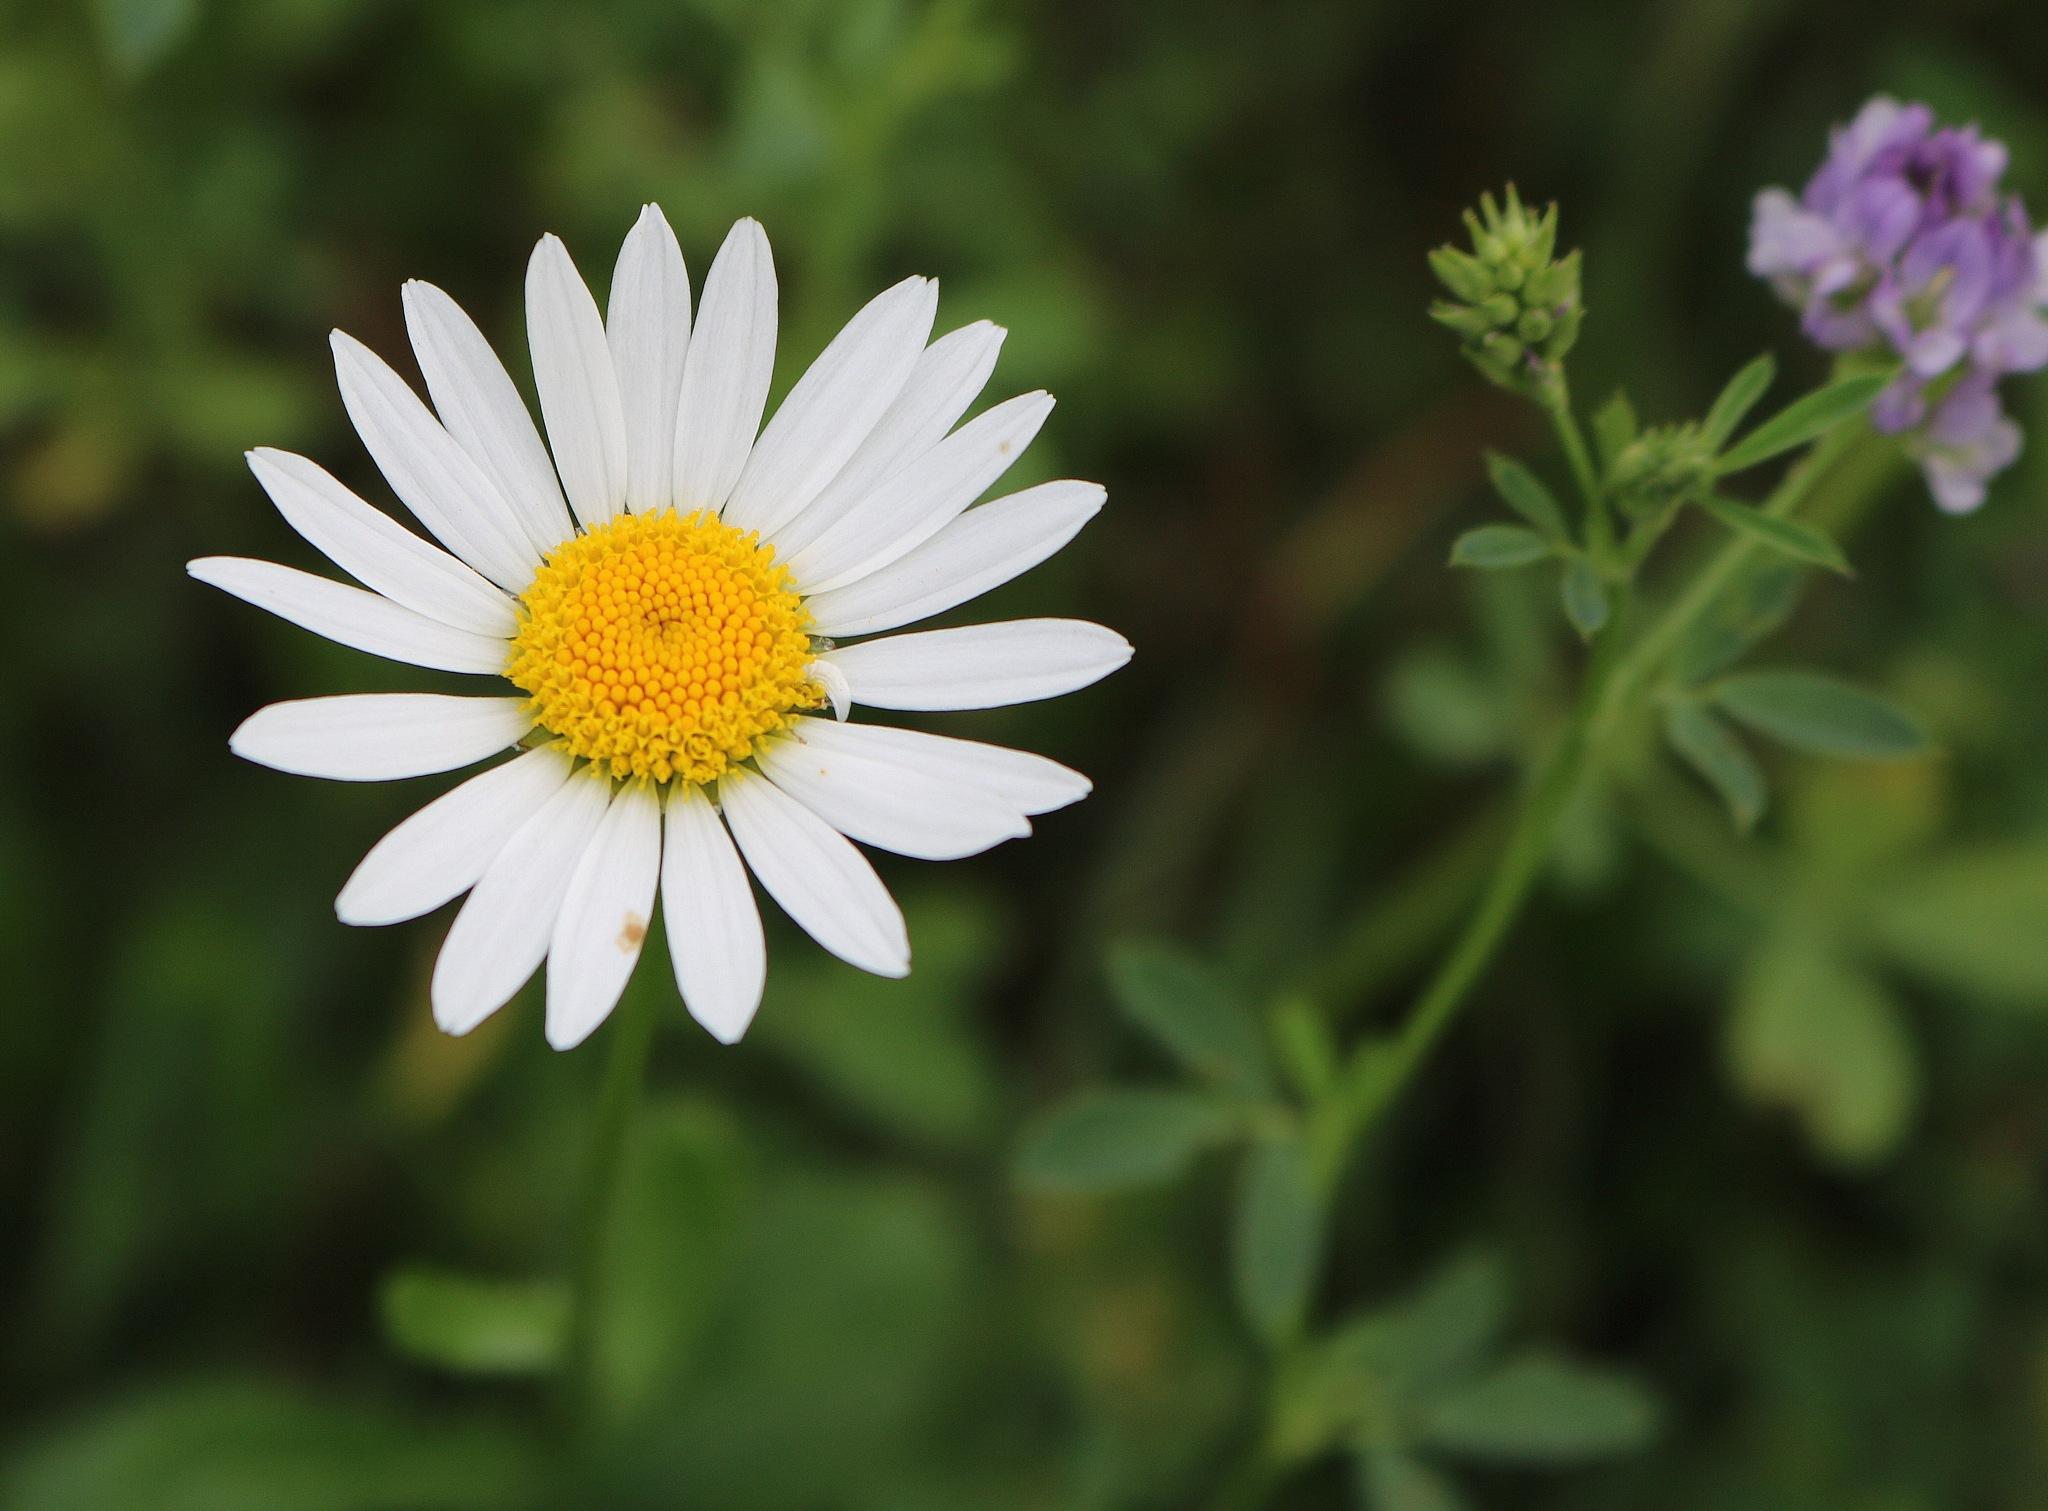 flower by zvnktomasevic